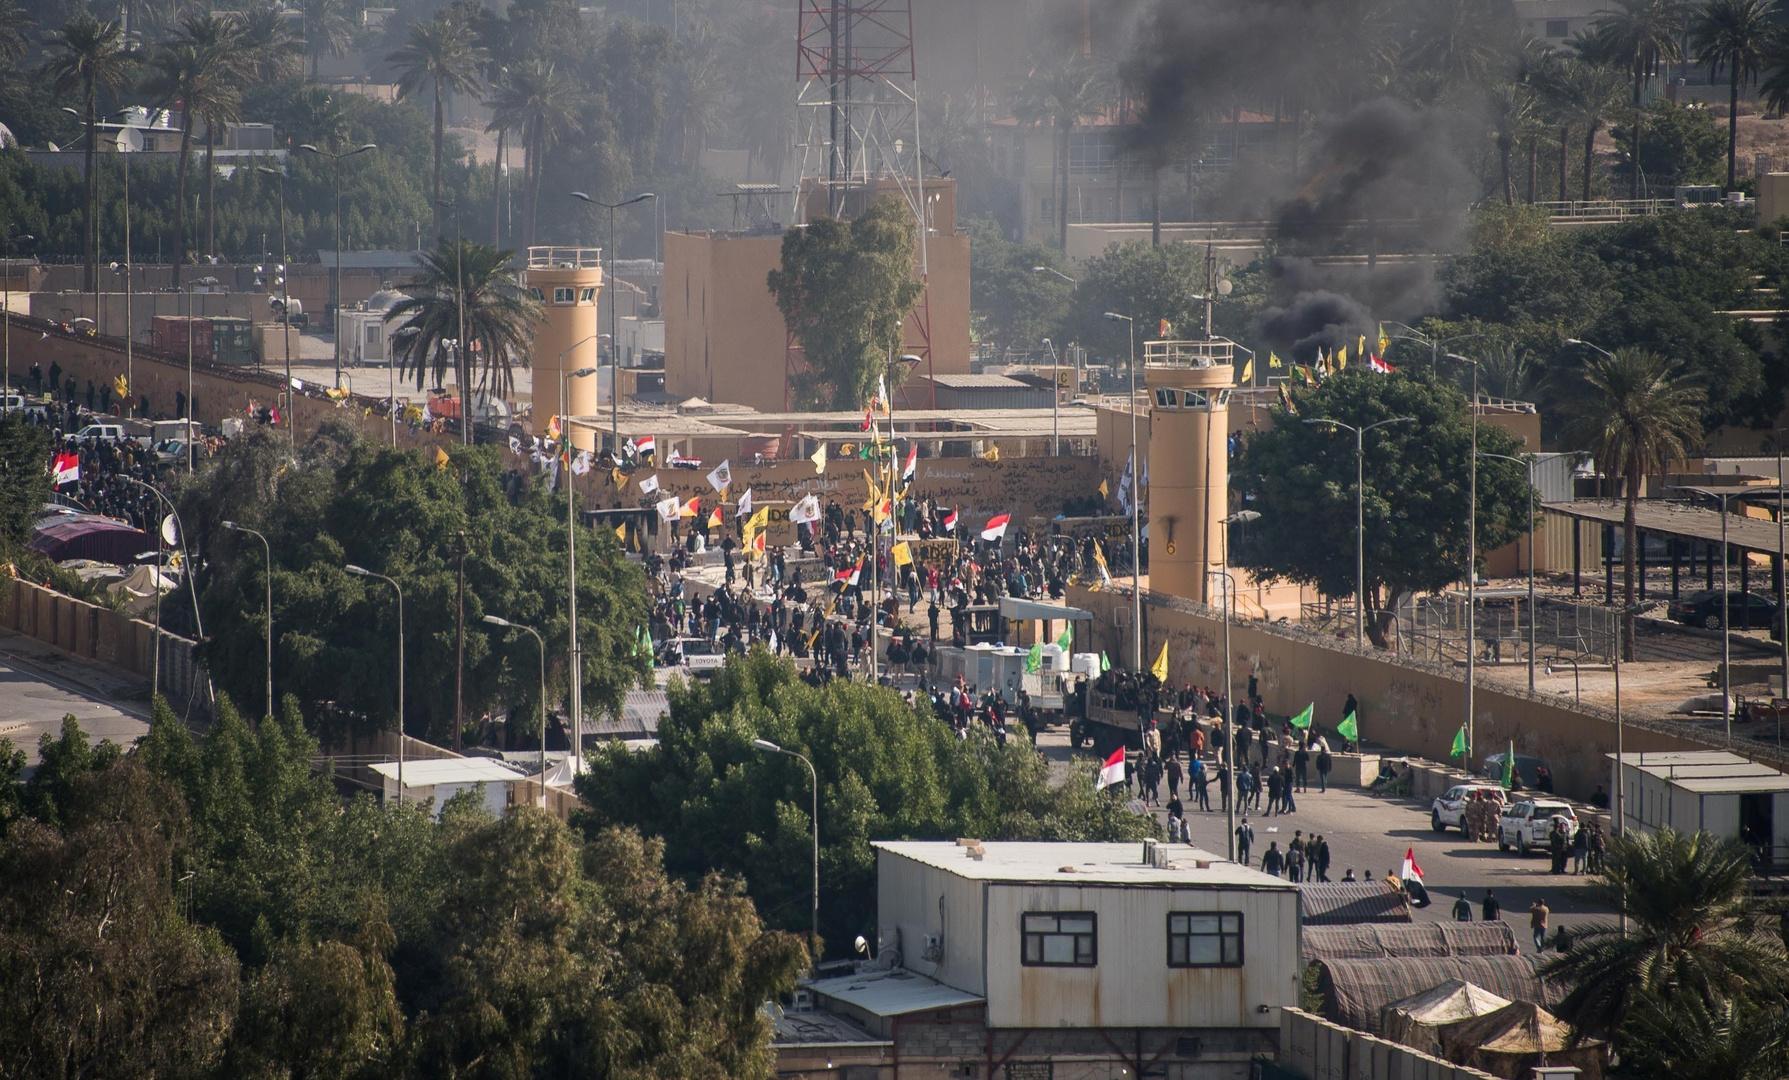 انسحاب المحتجين من محيط السفارة الأمريكية في بغداد بعد دعوة